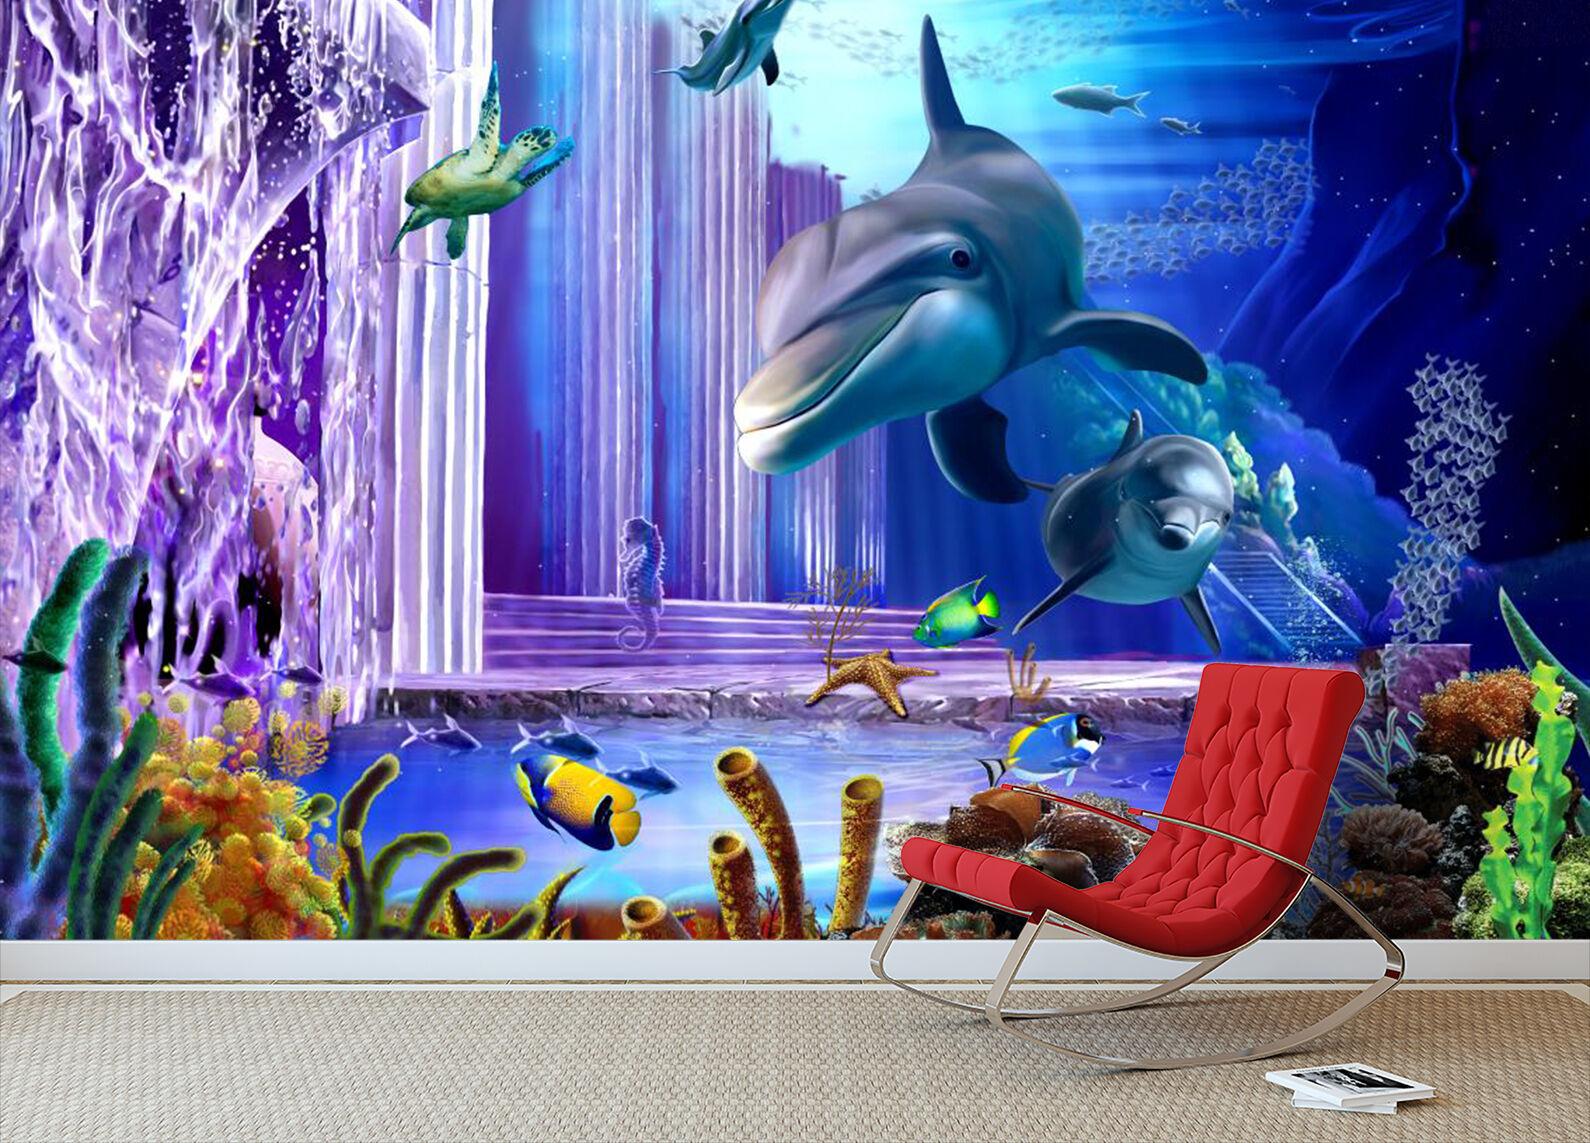 3D Riesige Delphin Fototapeten Wandbild Fototapete Bild Tapete Familie Kinder | Feinbearbeitung  | Sehen Sie die Welt aus der Perspektive des Kindes  | Billiger als der Preis